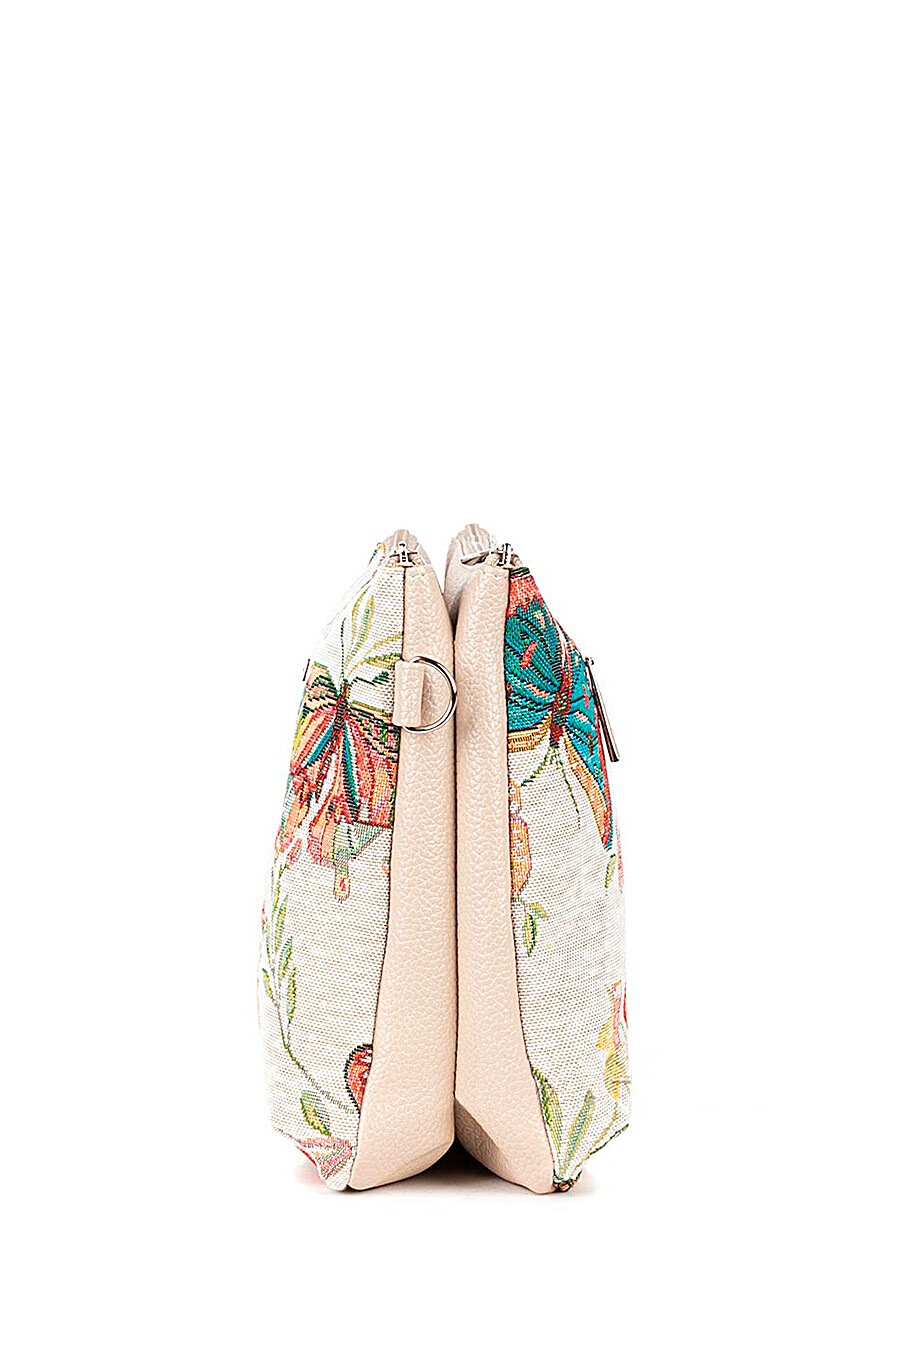 Сумка для женщин L-CRAFT 667999 купить оптом от производителя. Совместная покупка женской одежды в OptMoyo